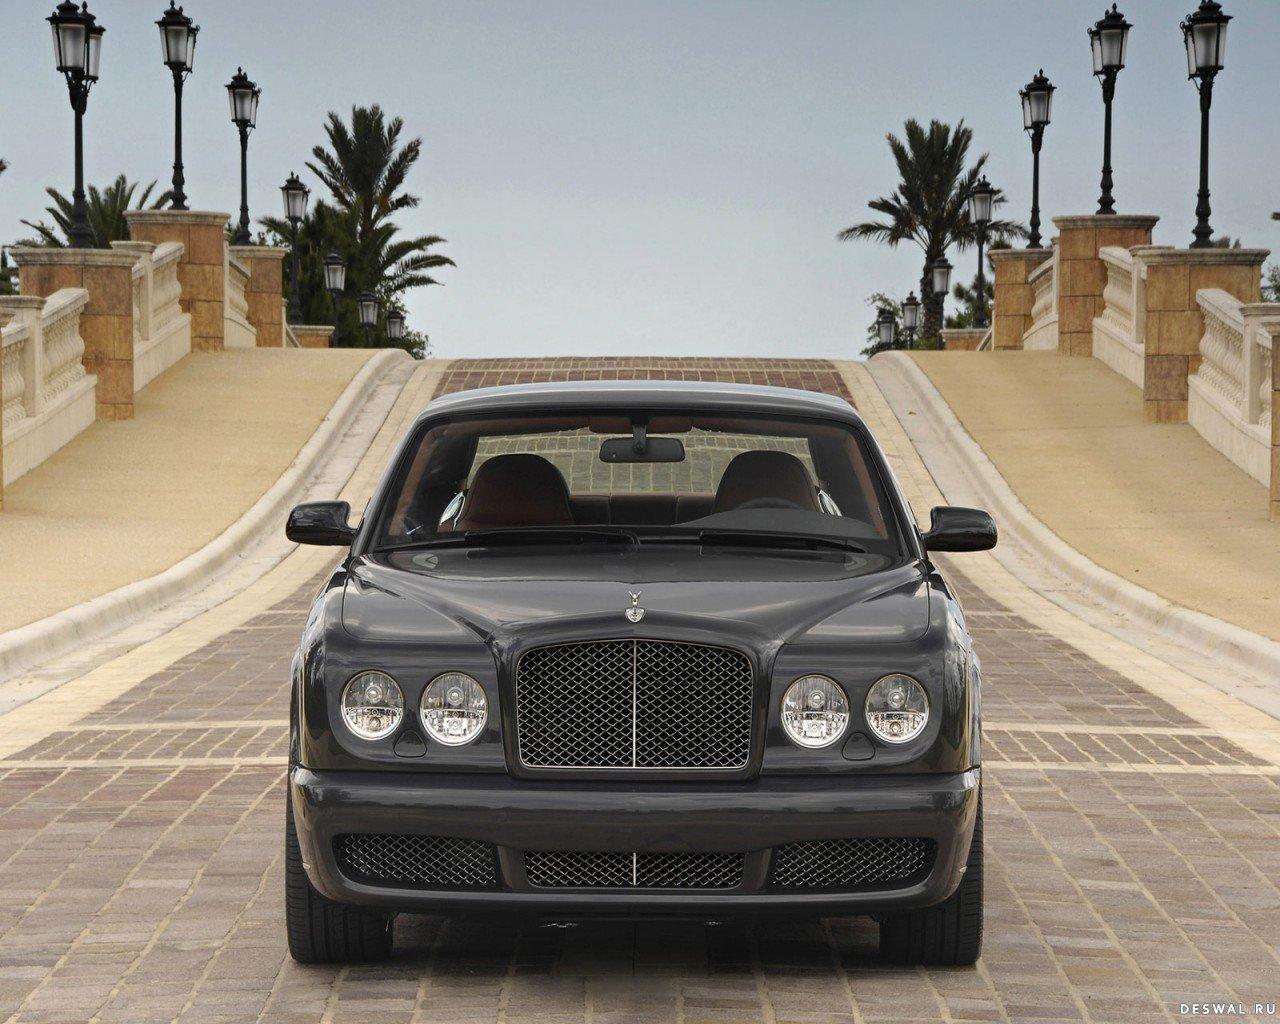 Автомашина Bentley на качественной фотографии, Нажмите на картинку с обоями автомобиля bentley, чтобы просмотреть ее в реальном размере